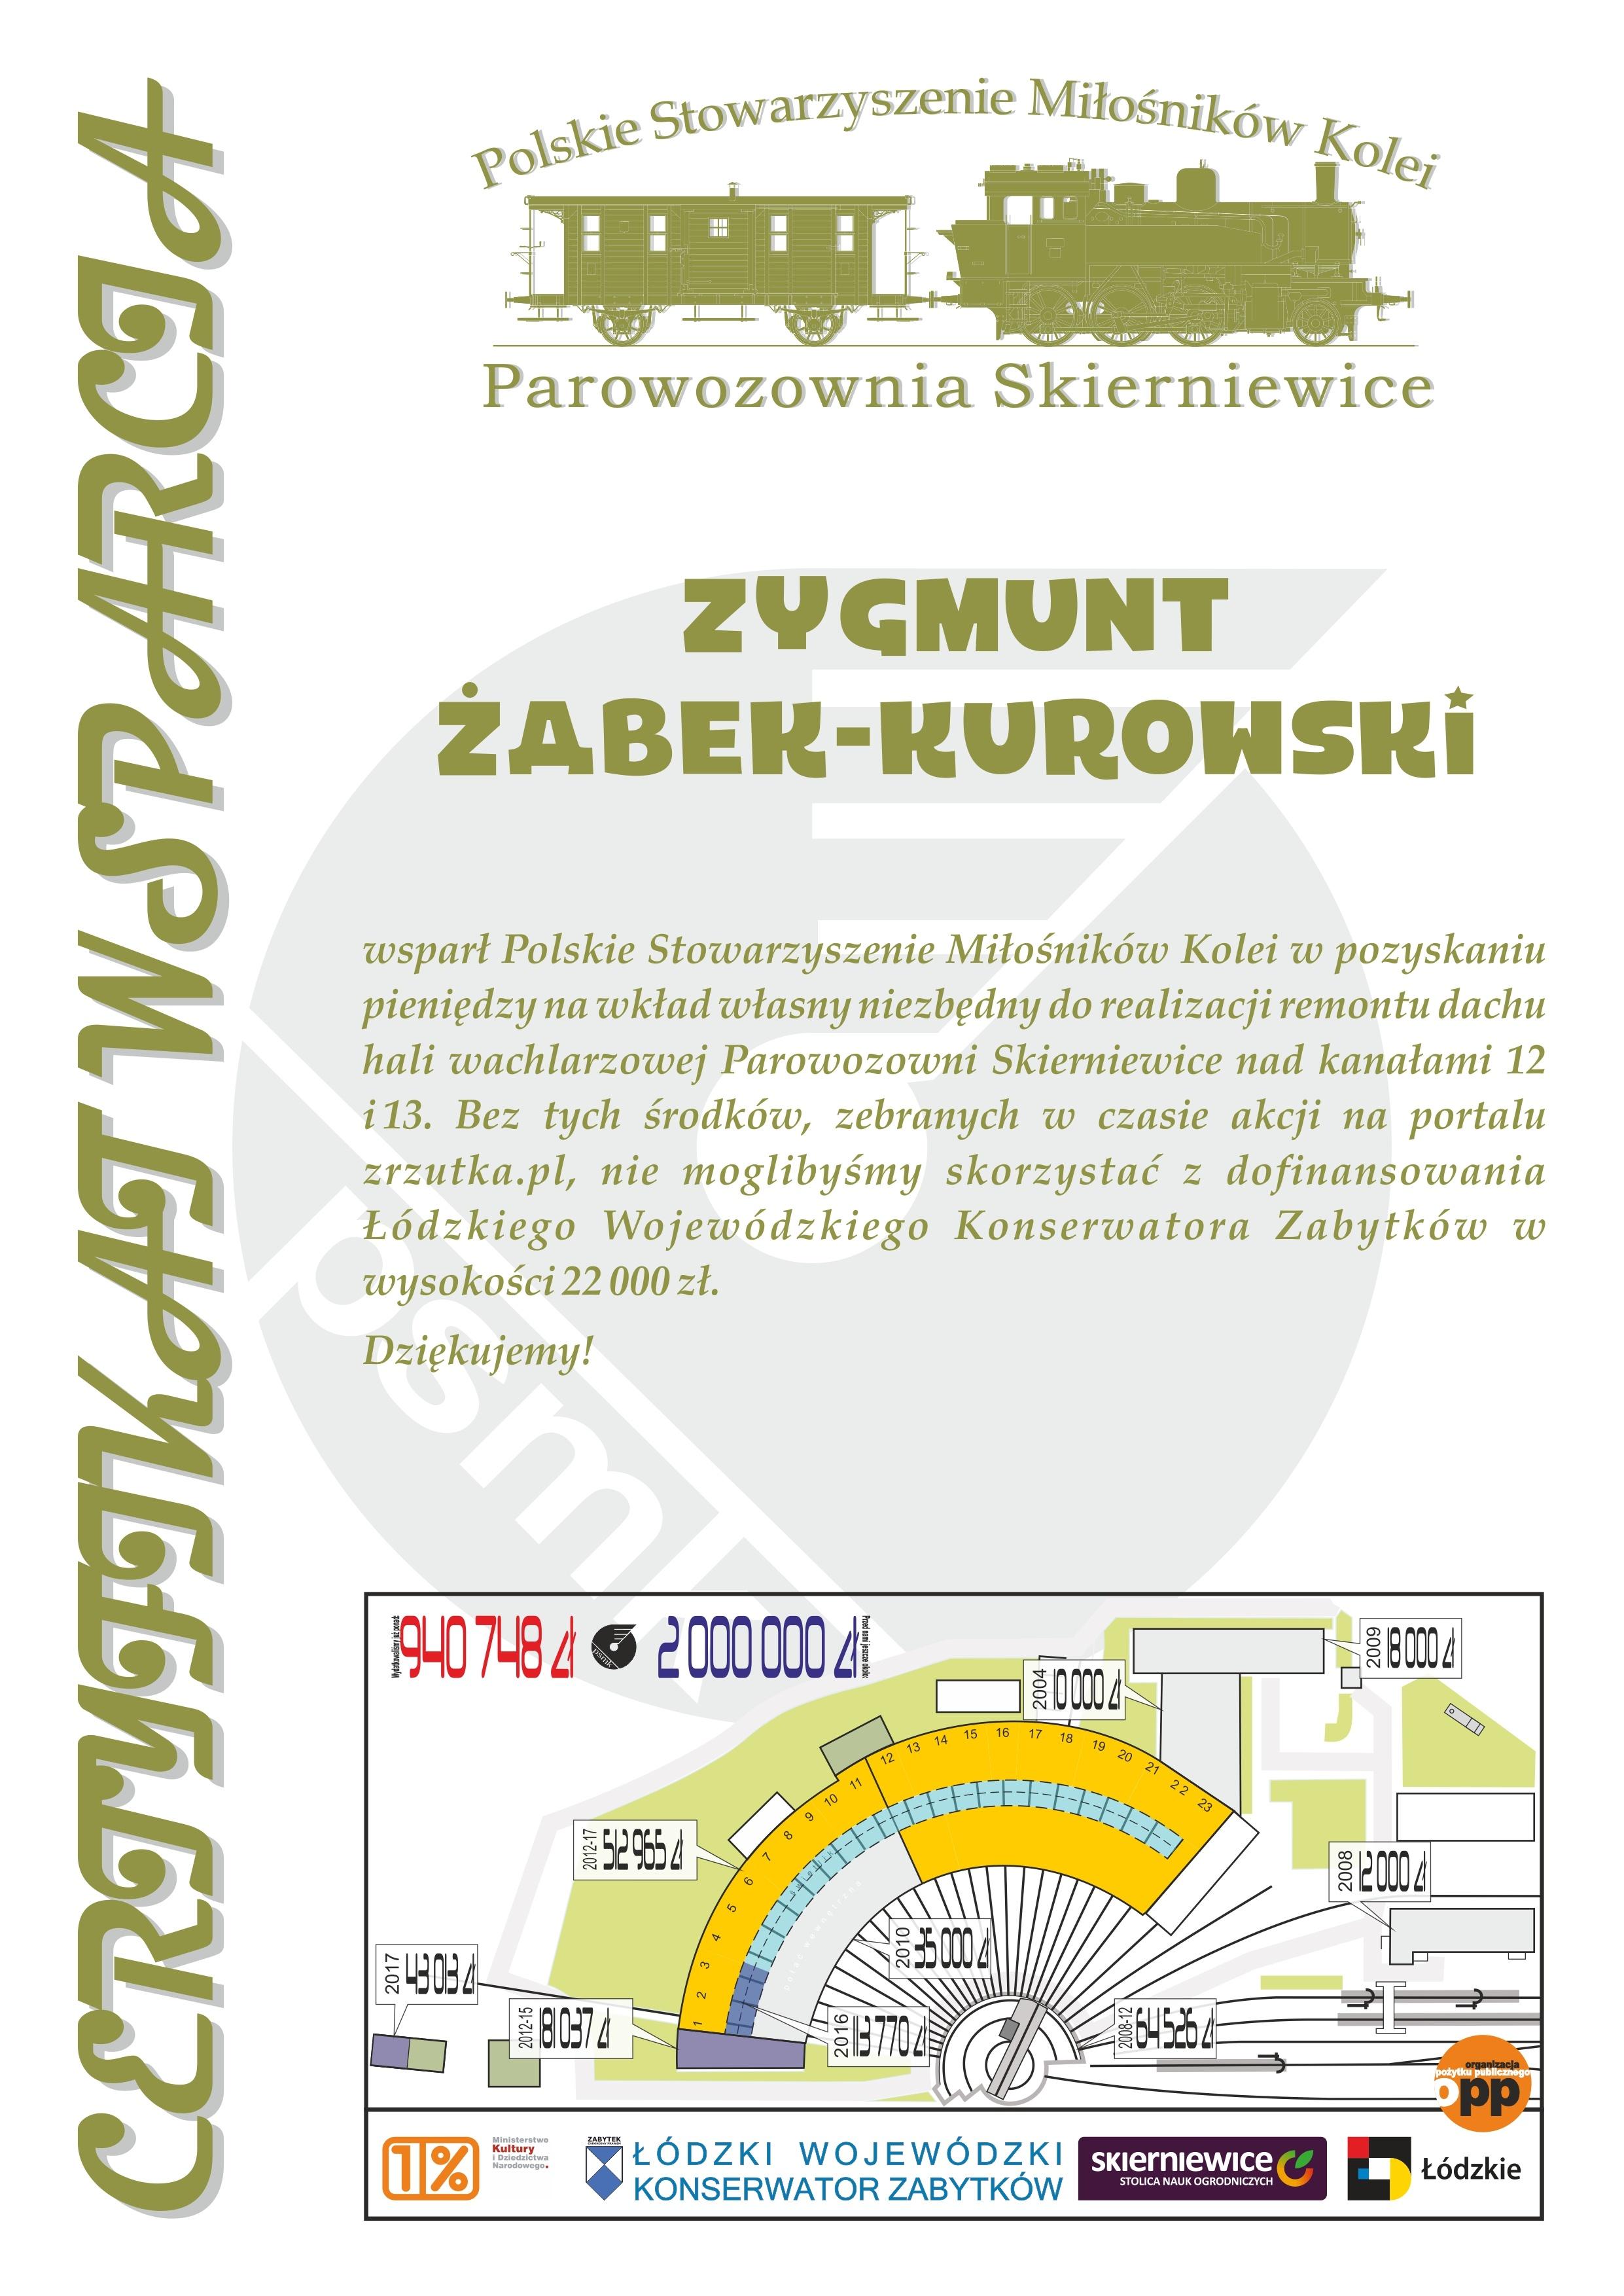 Certyfikat do powieszania na honorowym miejscu ;-).